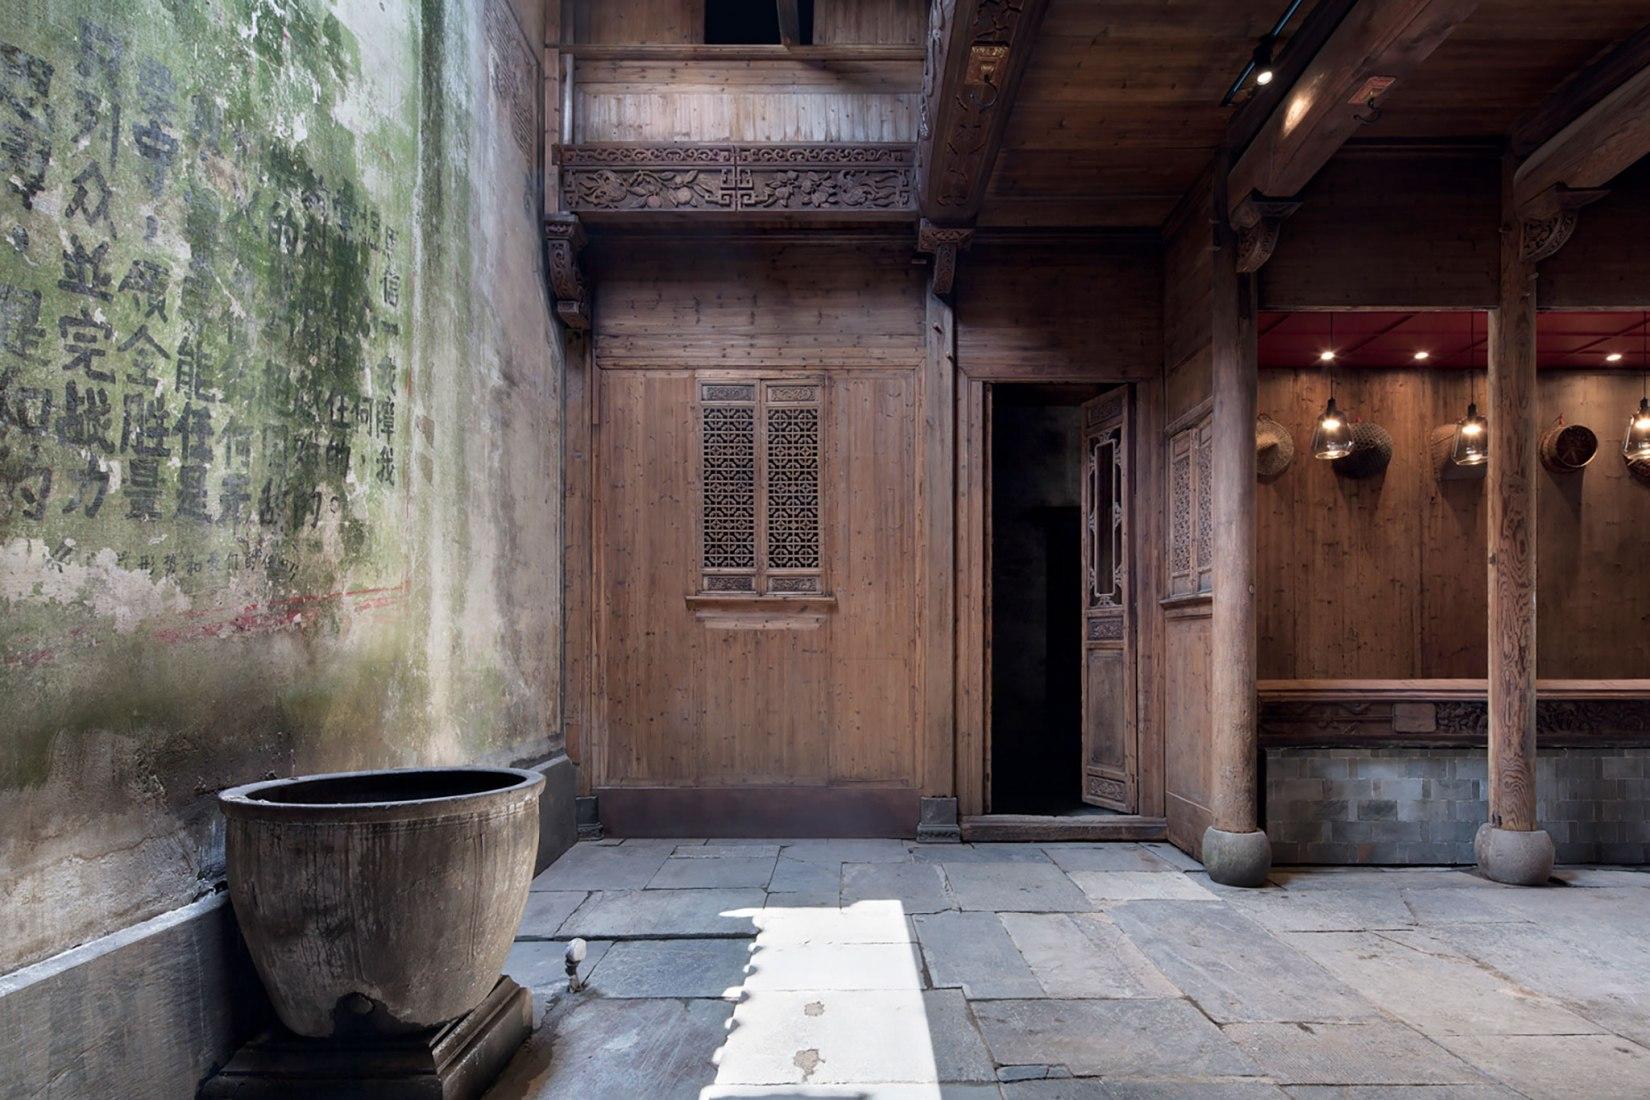 Hotel Wuyuan Skywells Hotel por anySCALE Architecture Design. Fotografía por Xia Zhi